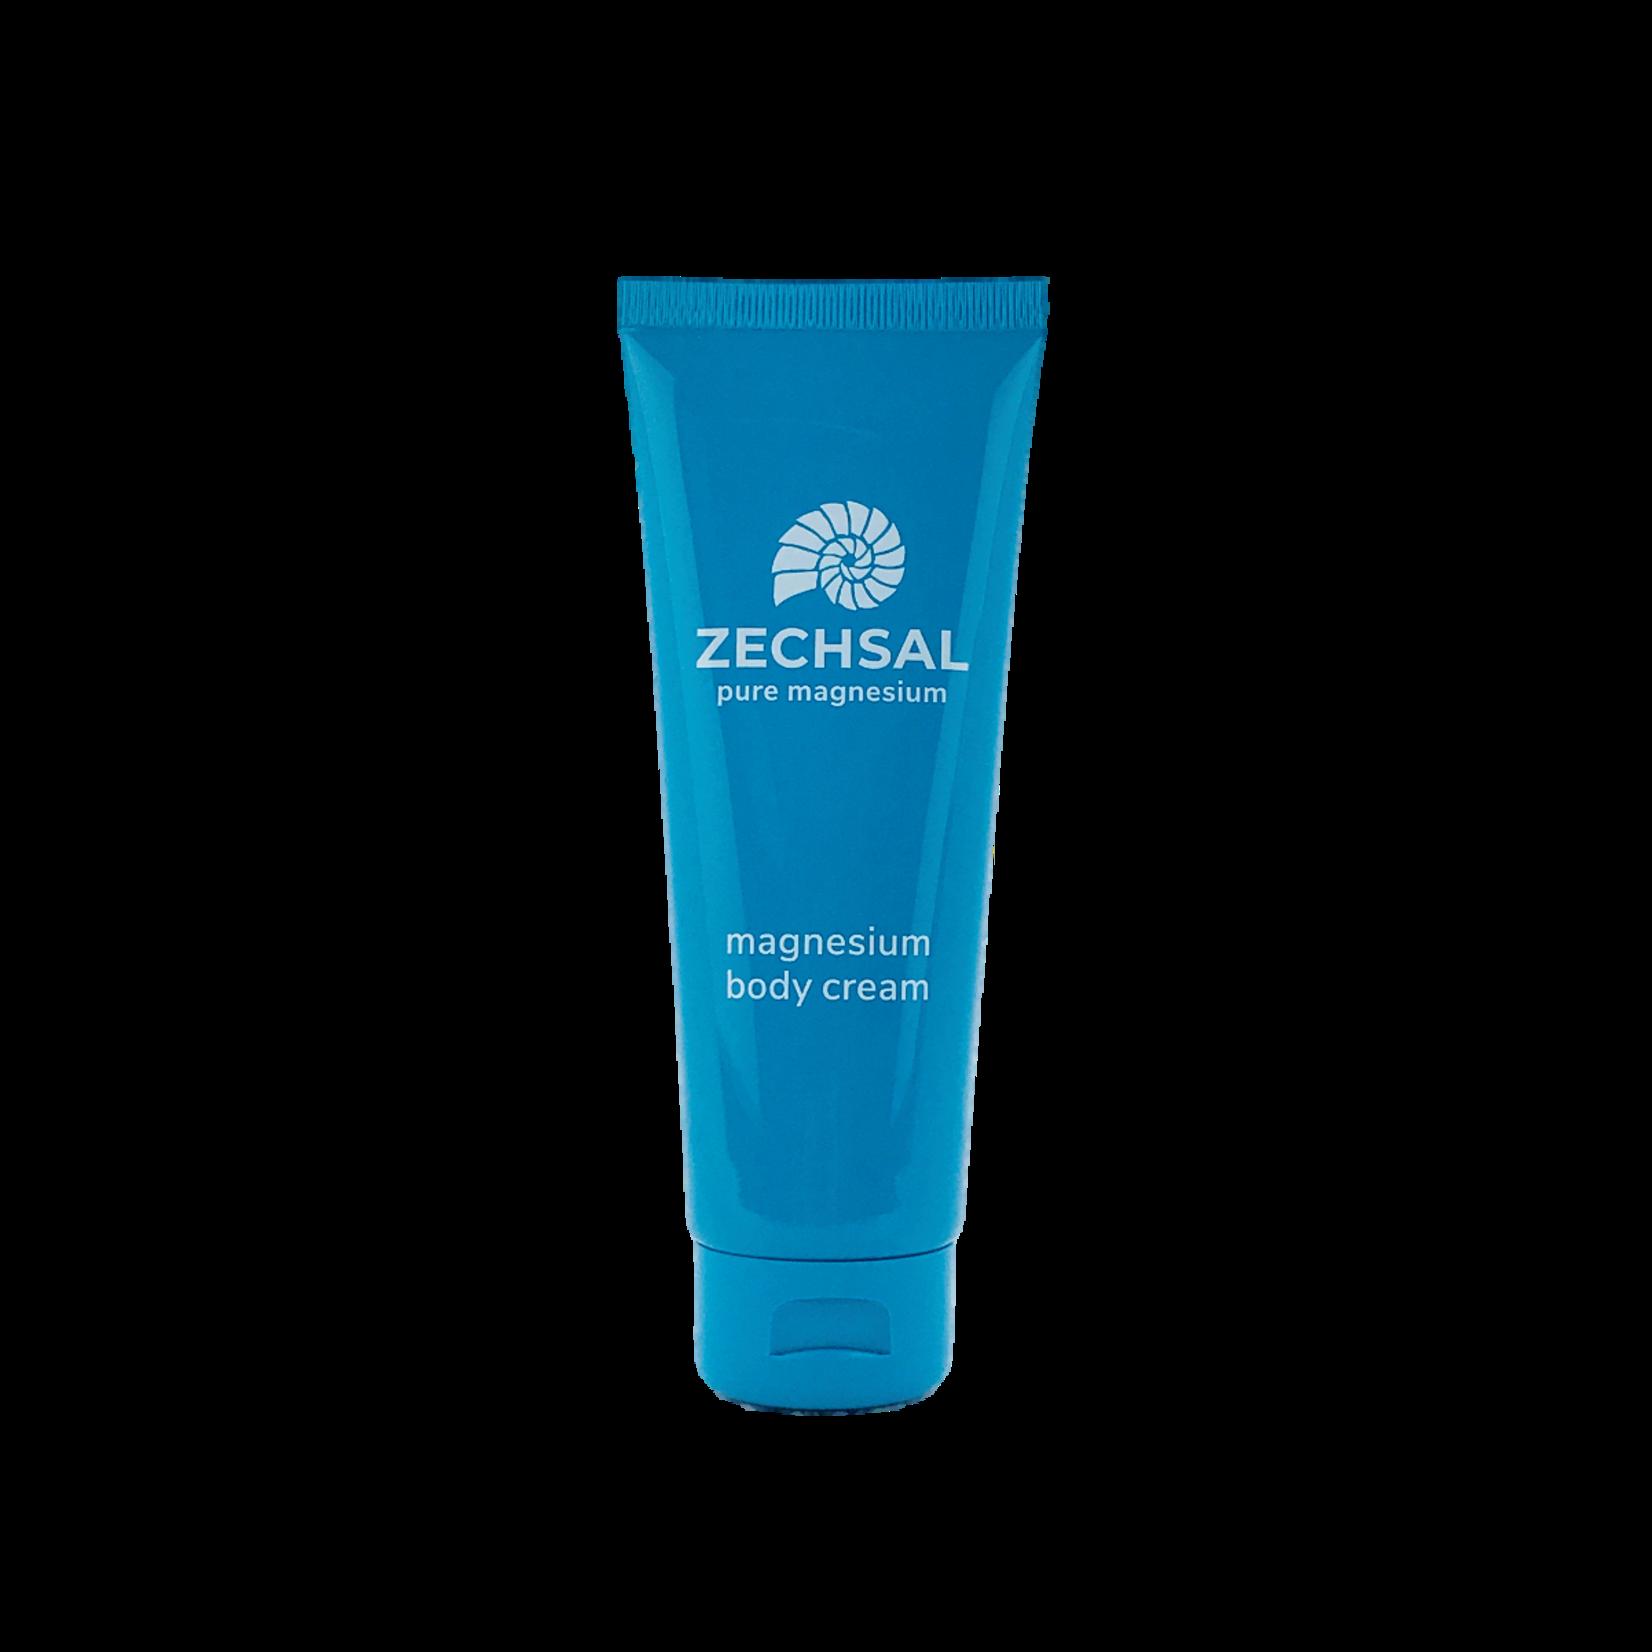 Zechsal Zechsal Body Cream -  helend bij huidproblemen (3% magnesiumchloride)